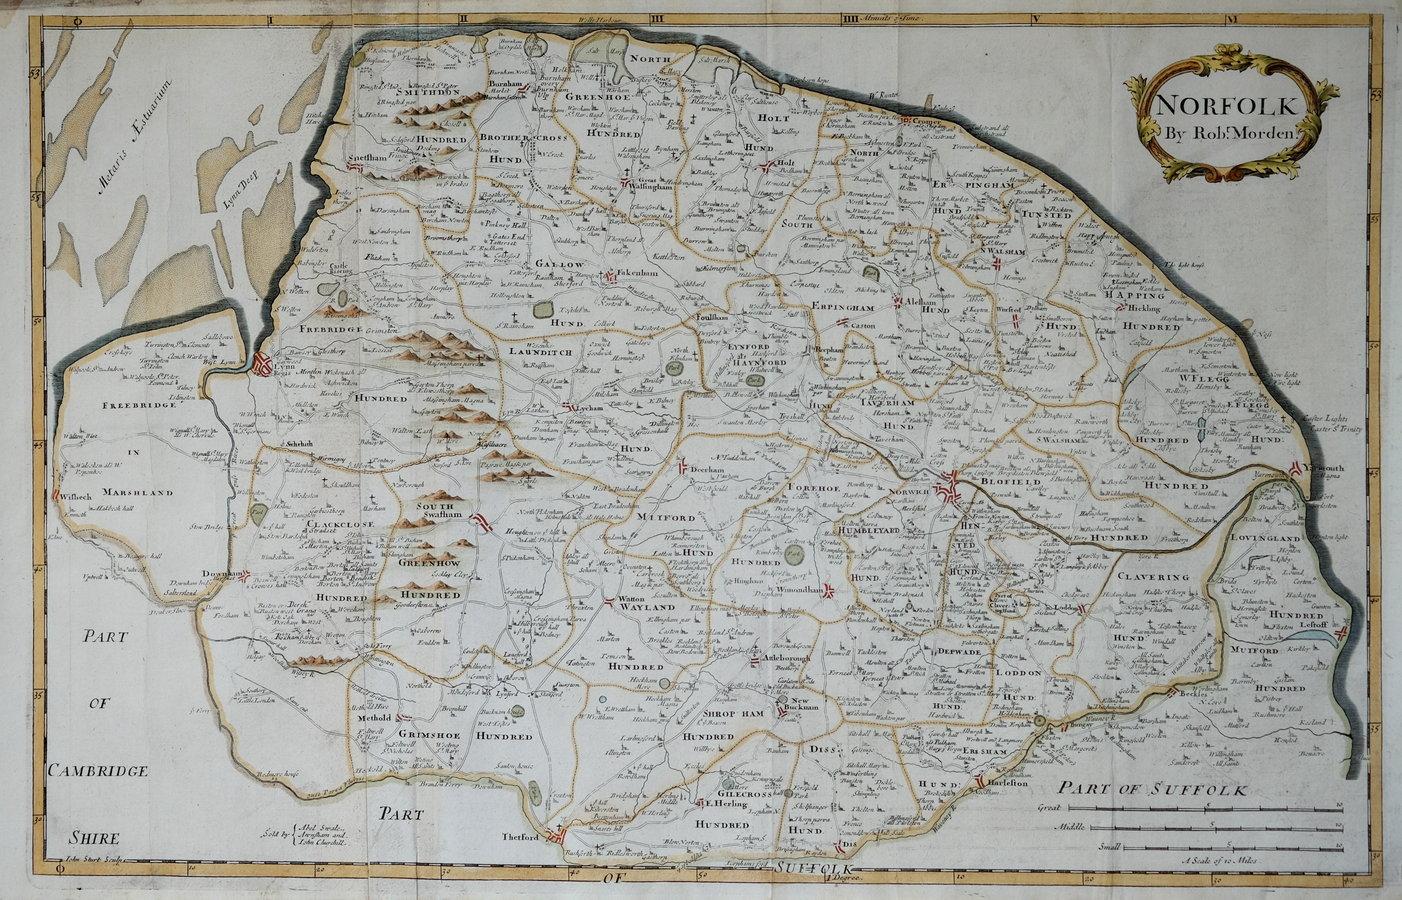 Norfolk Antique Maps Old Maps of Norfolk Vintage Maps of Norfolk UK